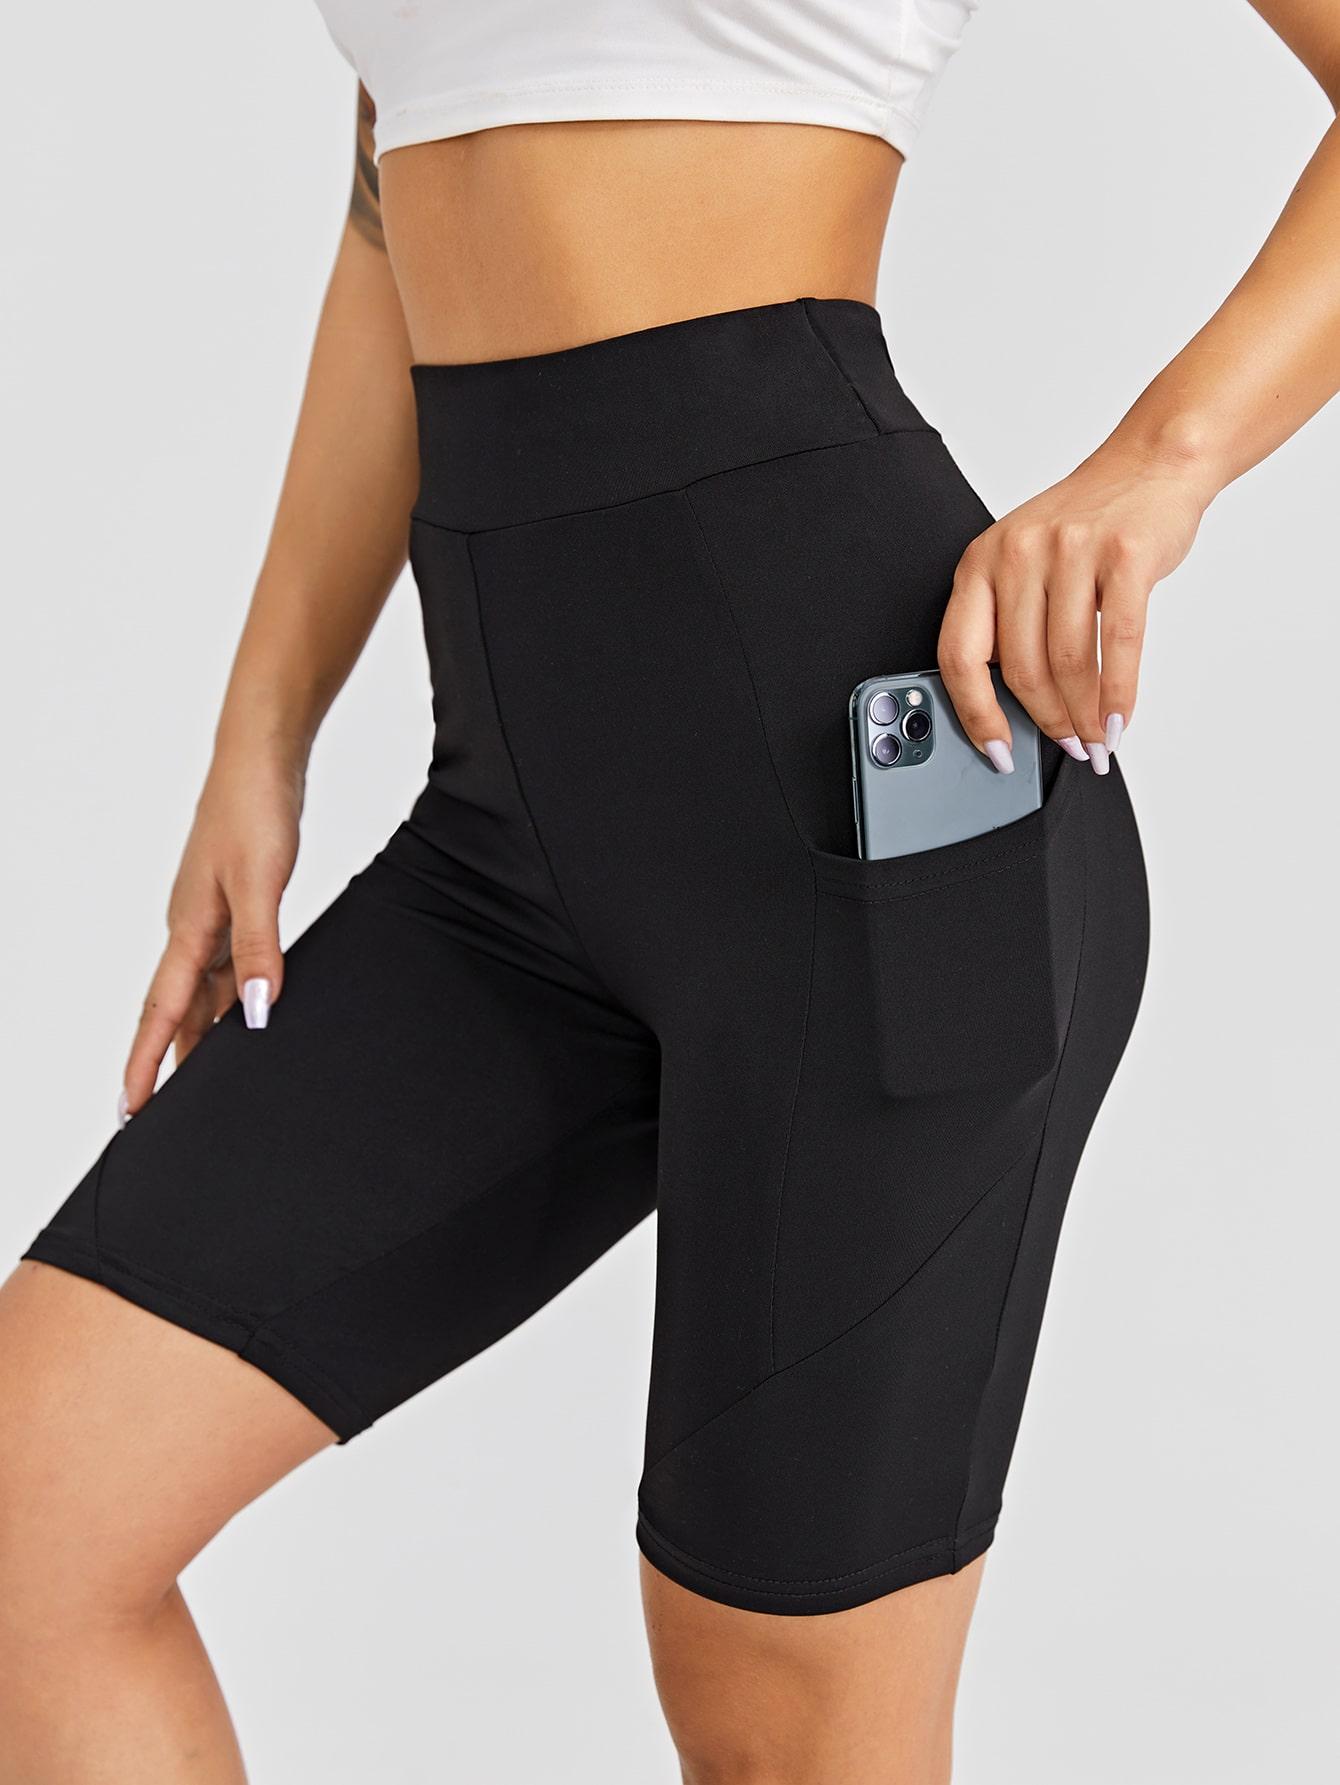 Solid Biker Shorts & Phone Pocket thumbnail